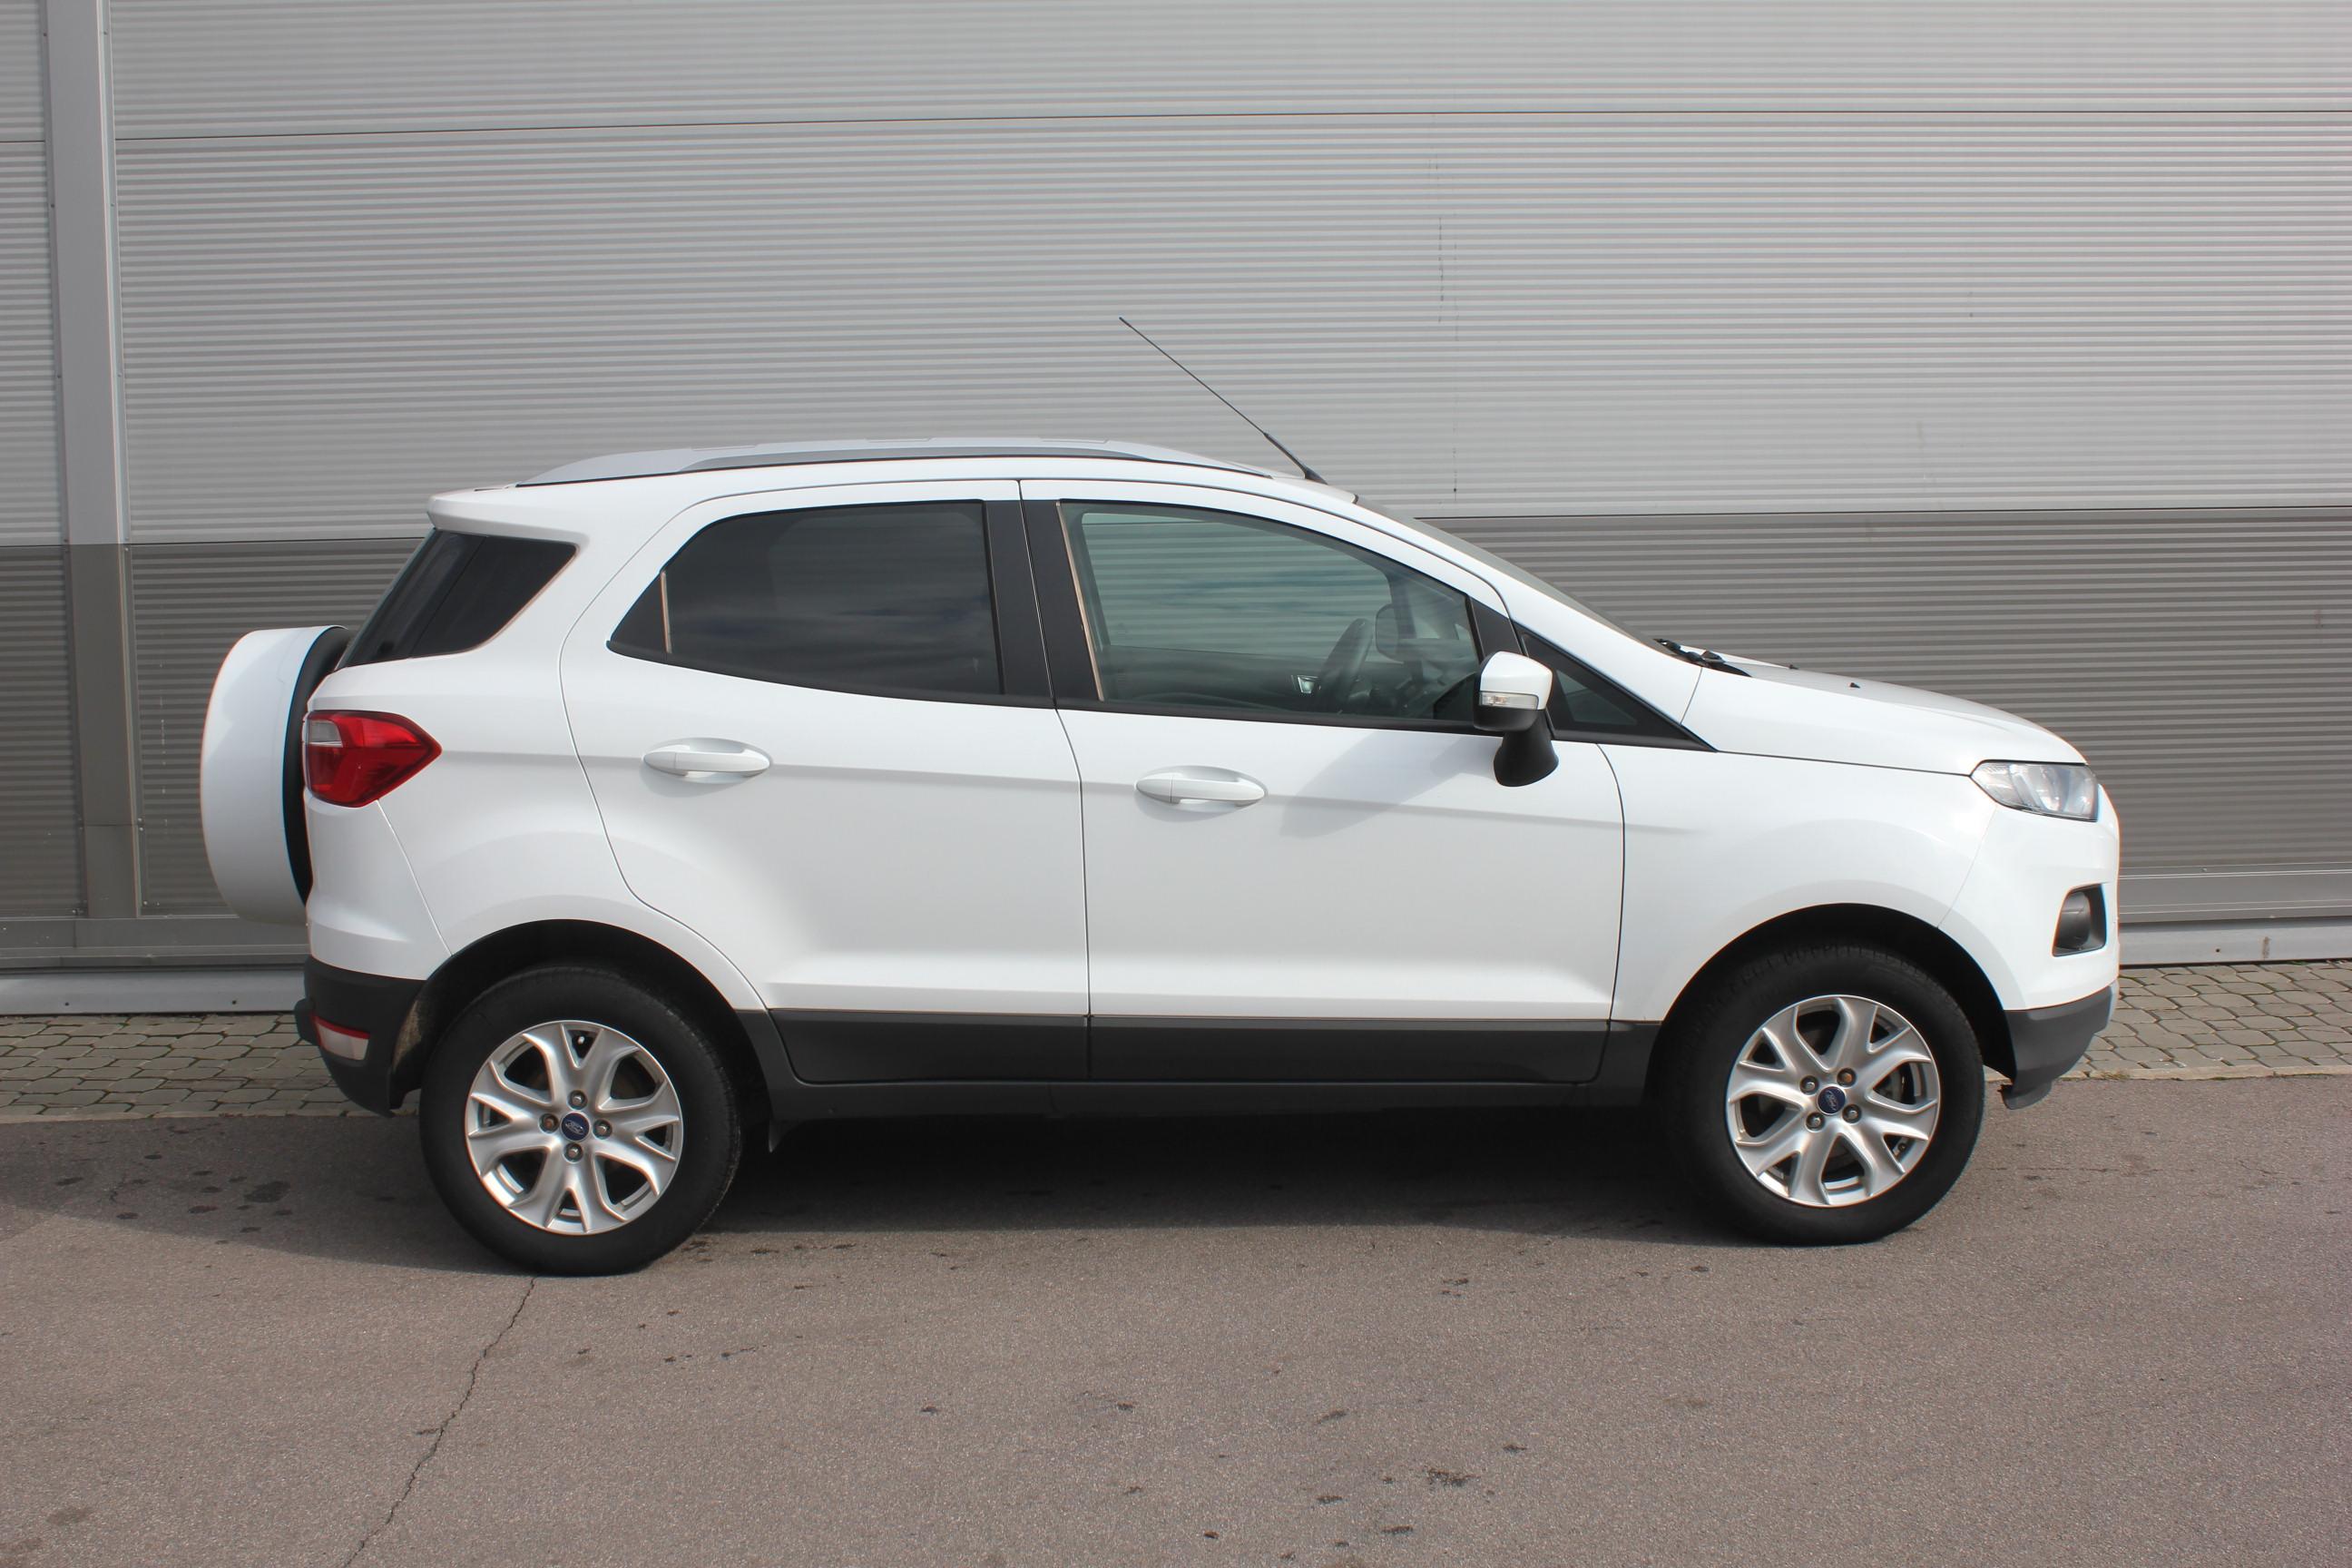 Ford EcoSport Внедорожник (2016г.)